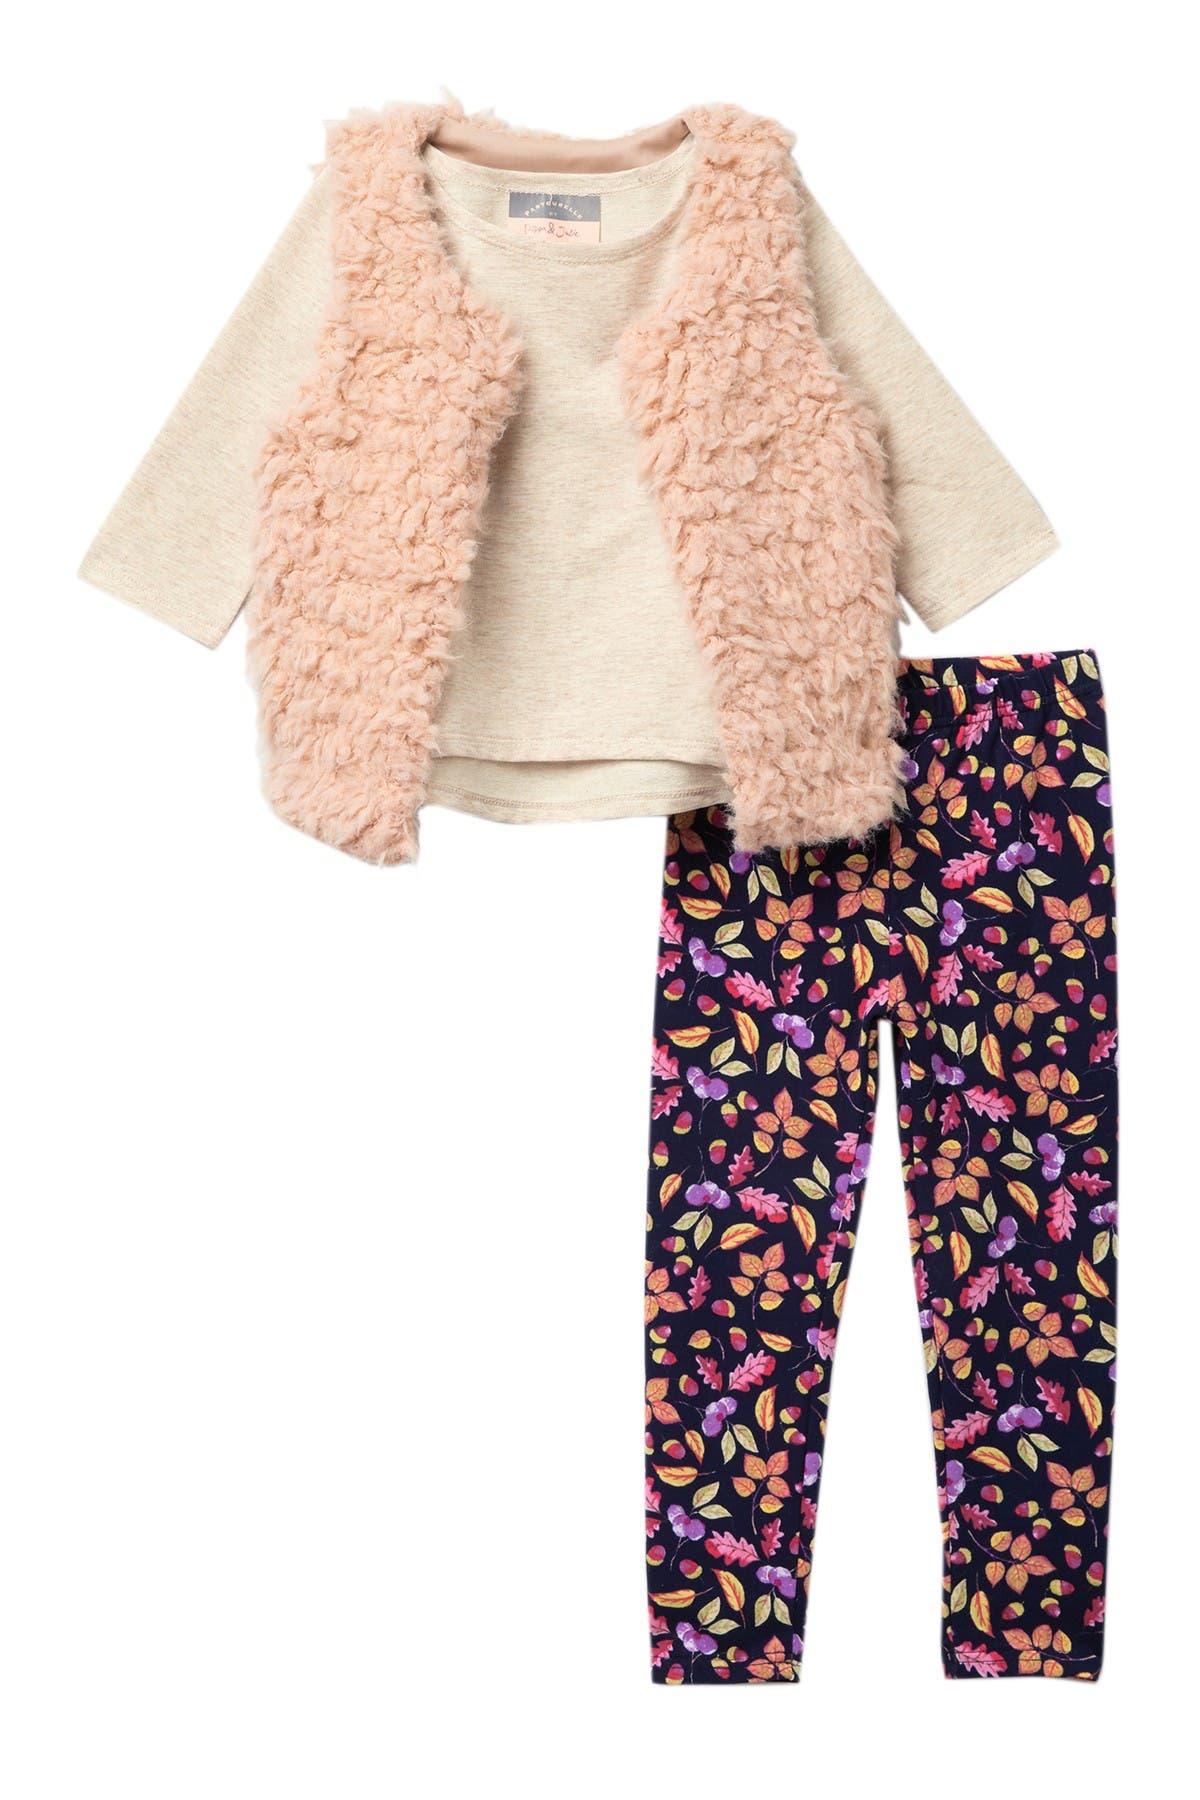 Image of Pastourelle by Pippa and Julie Faux Fur Vest Set